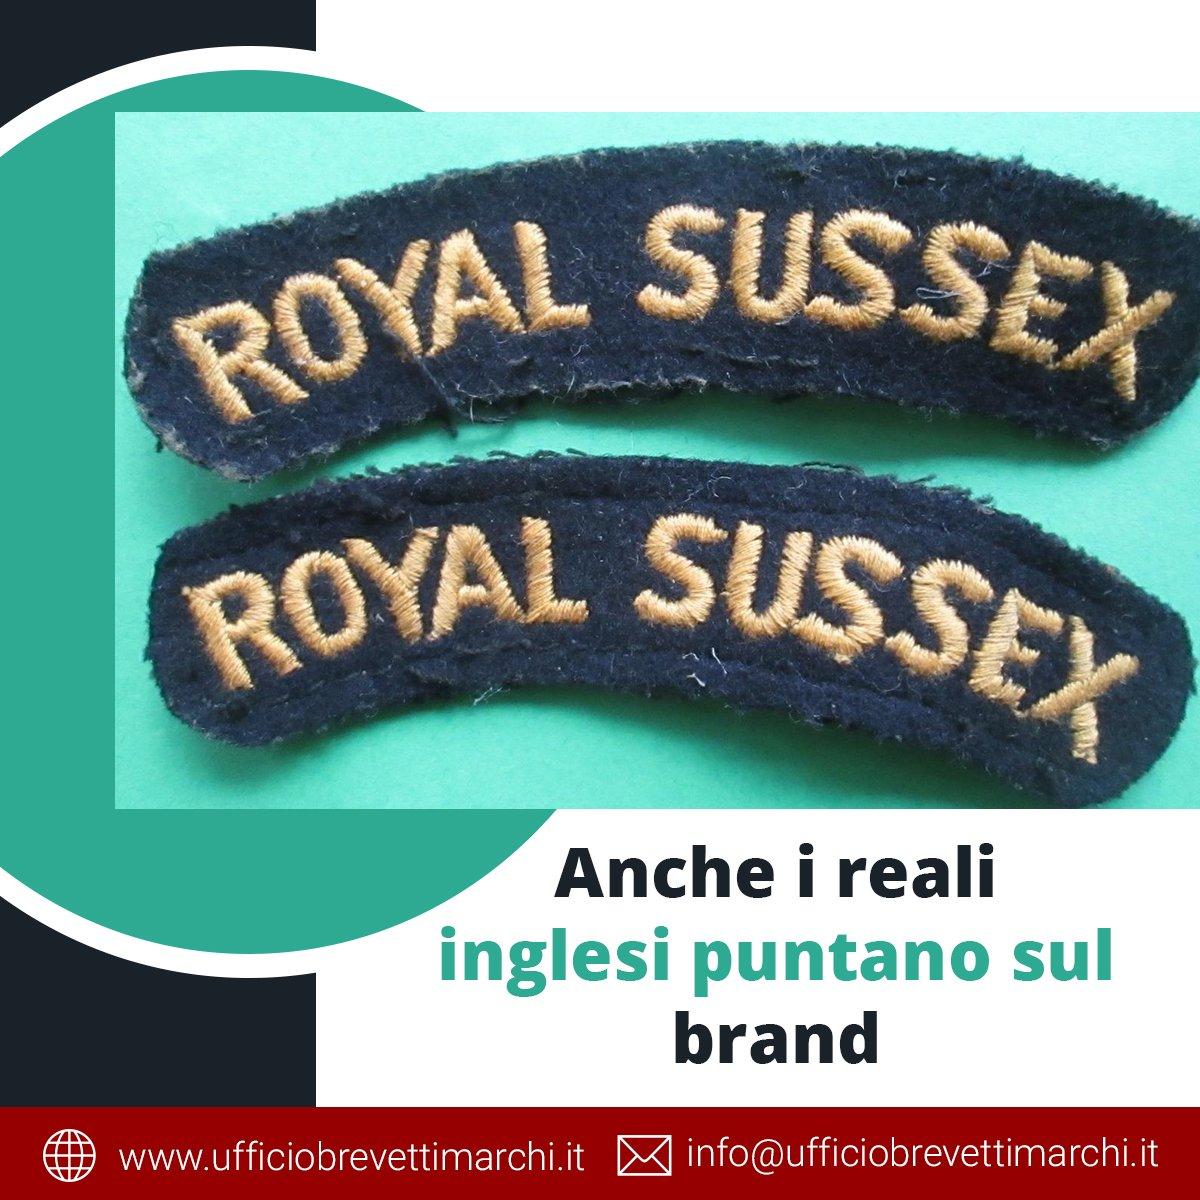 Anche i reali inglesi puntano sul brand